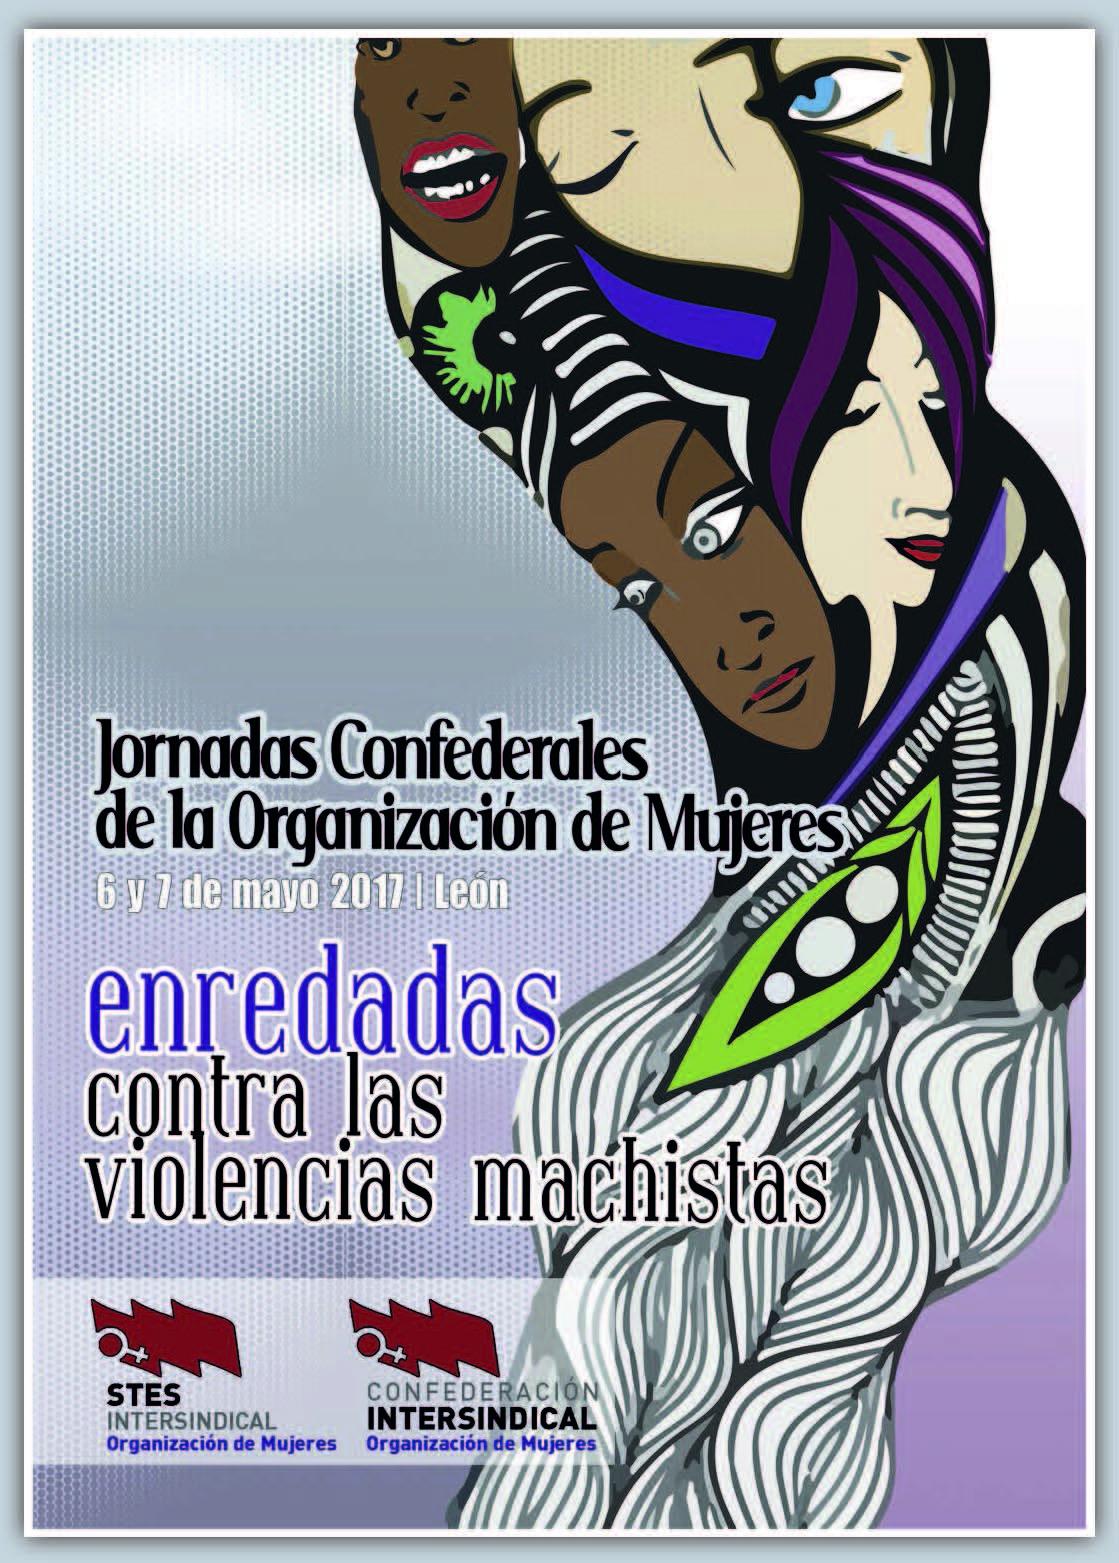 JORNADAS CONFEDERALES ORGANIZACIÓN DE MUJERES